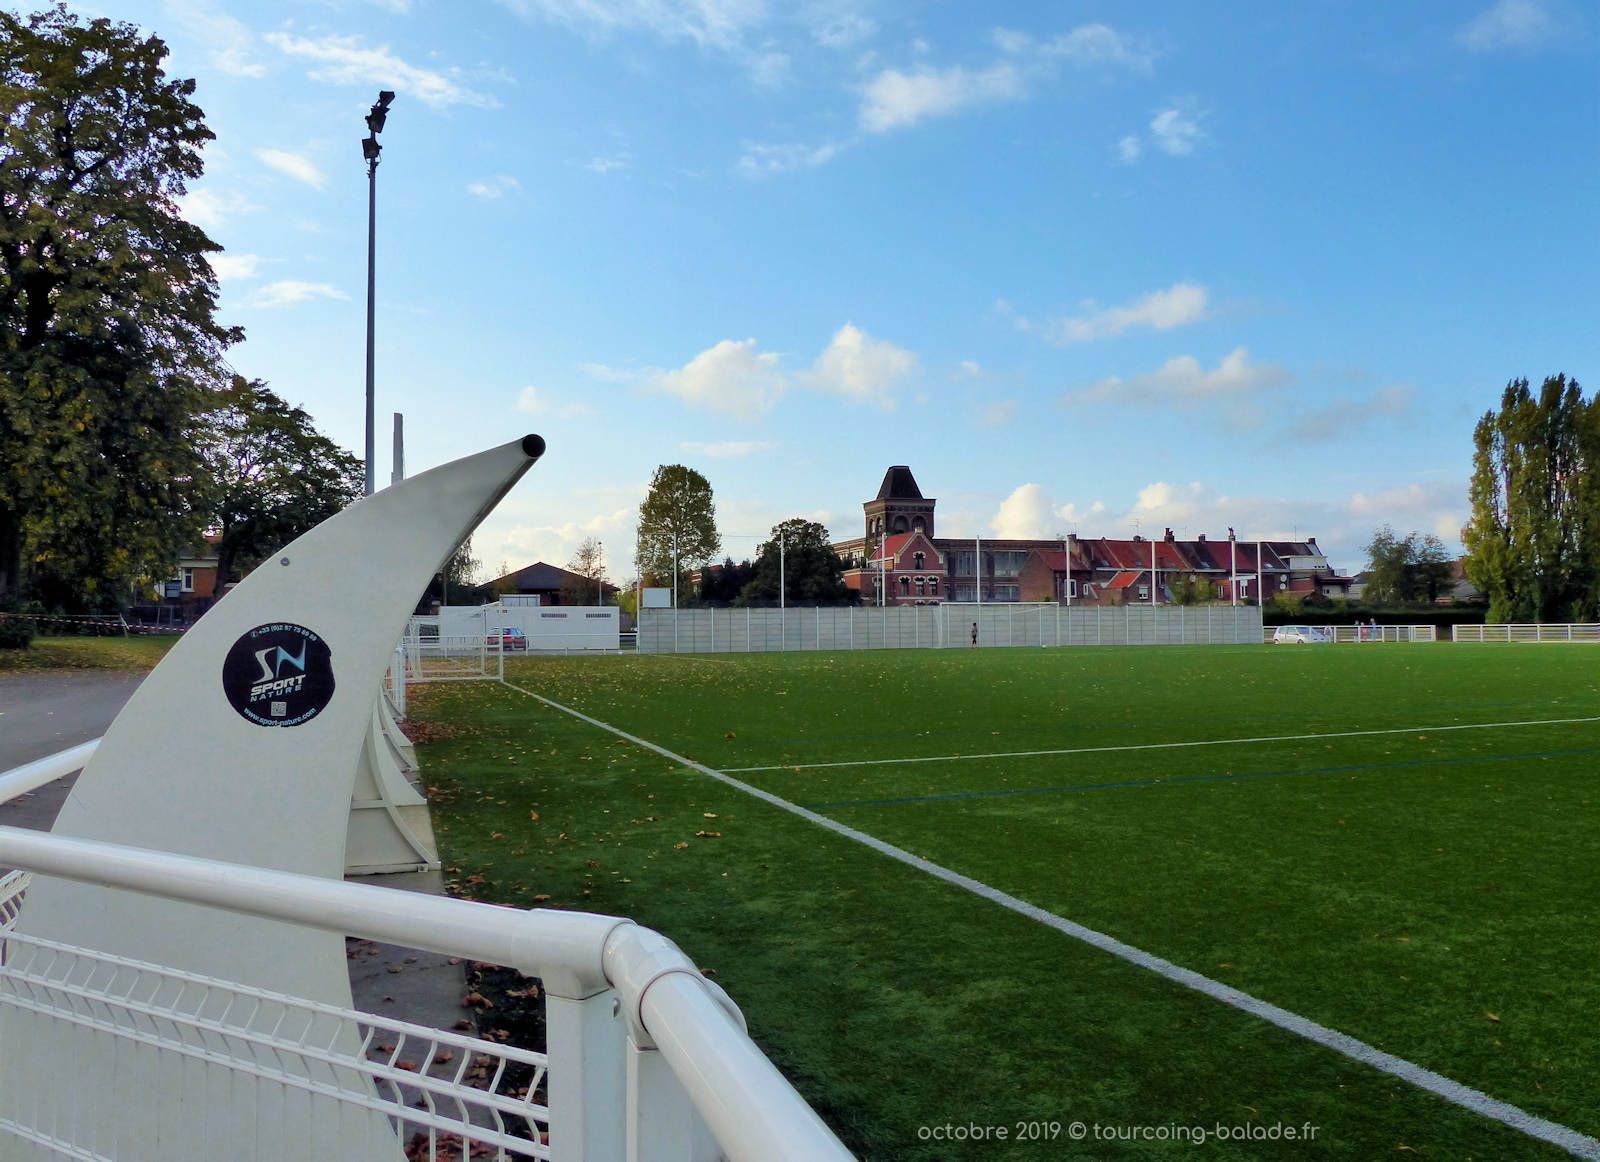 Terrain de Foot, Stade Houpline, Tourcoing